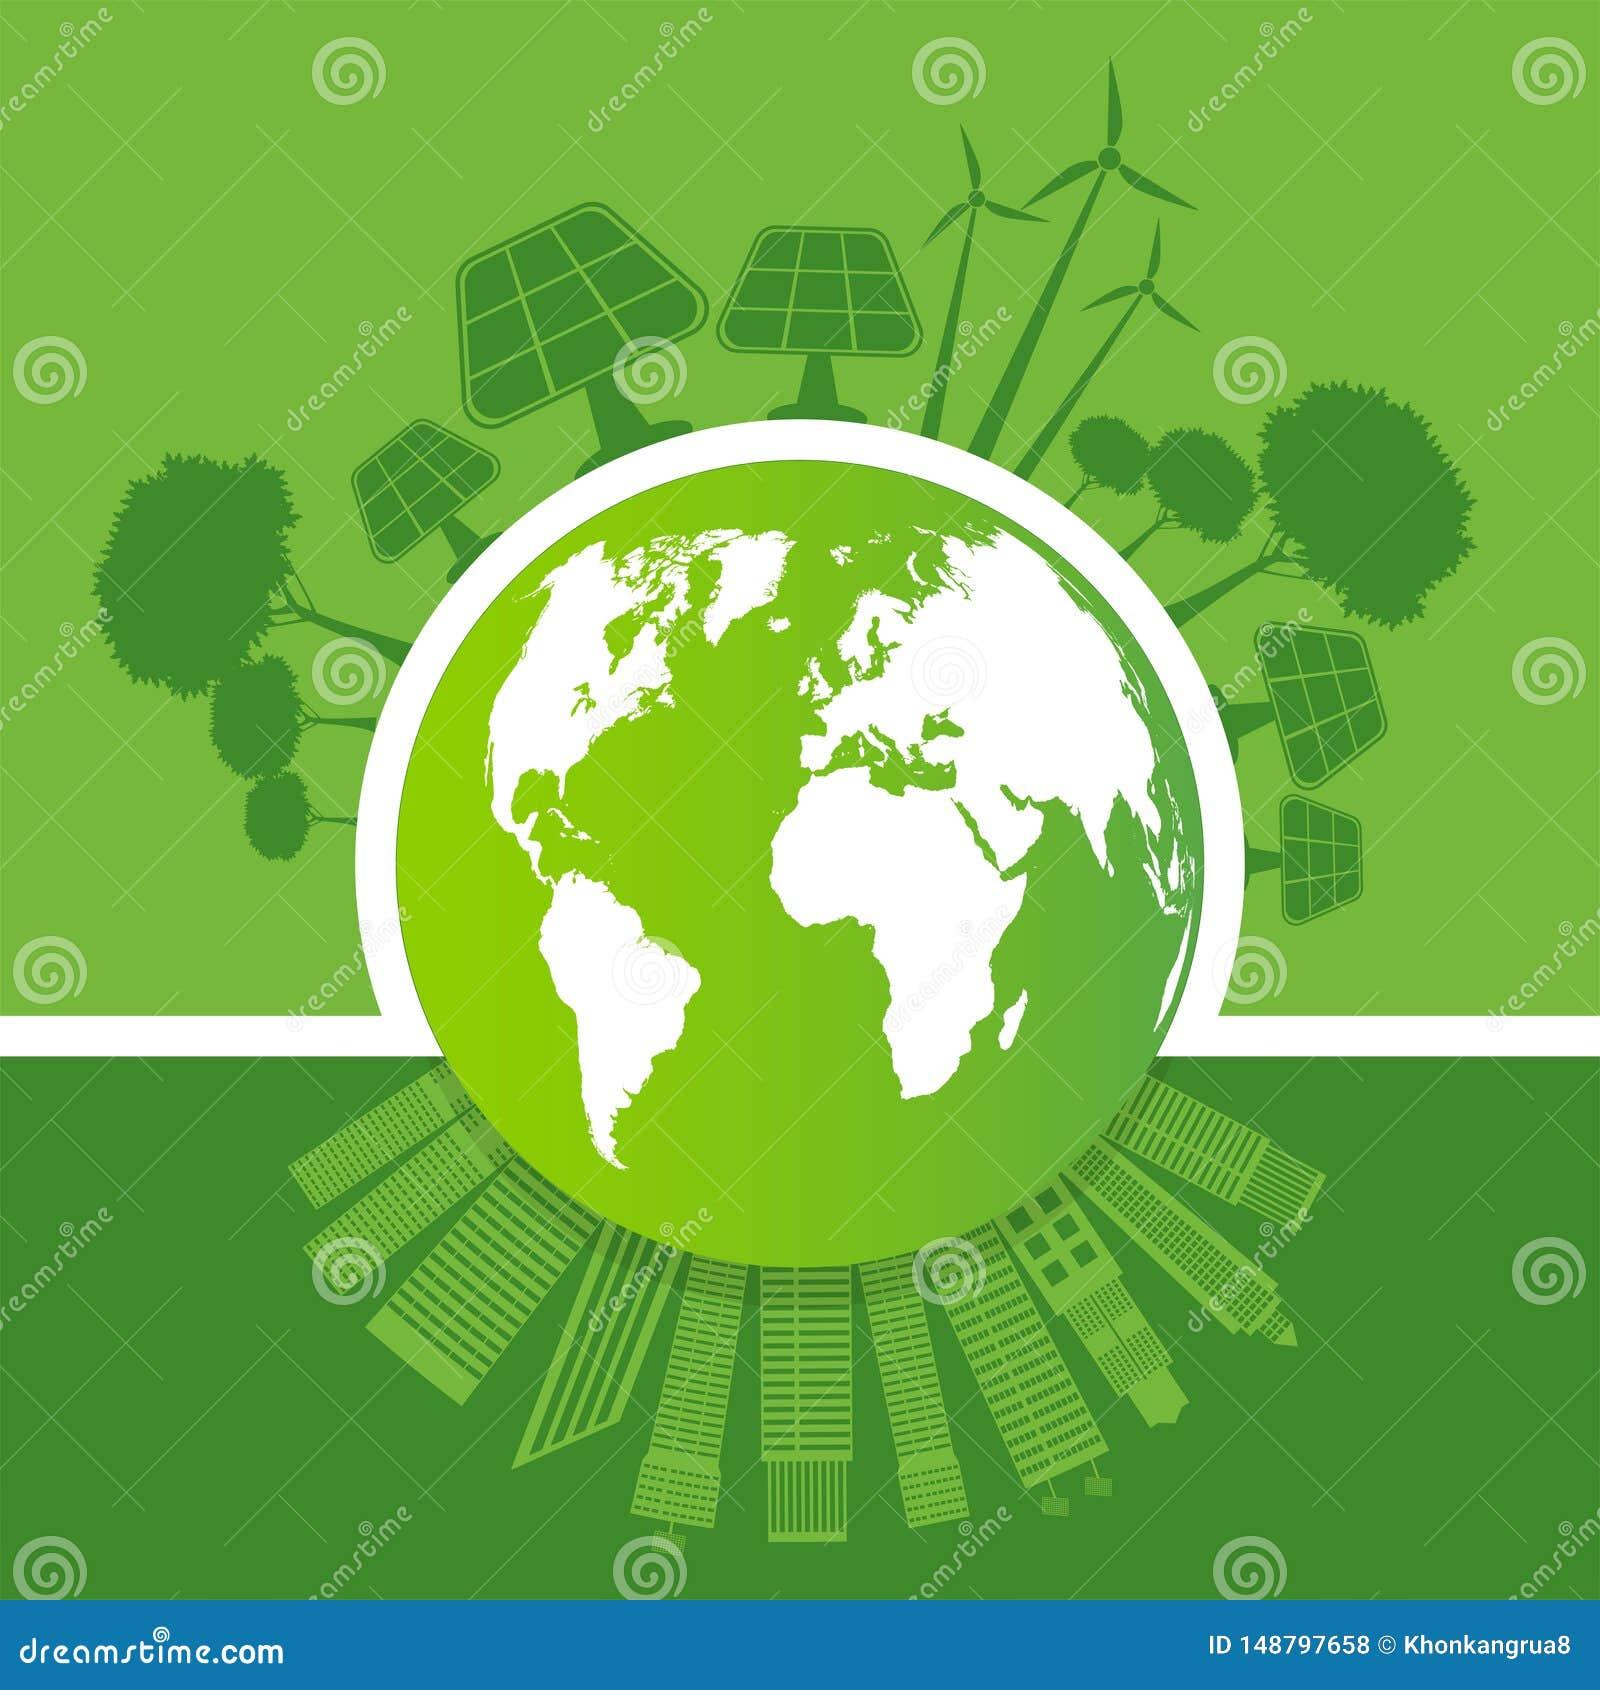 La ecolog?a y el concepto ambiental, s?mbolo de la tierra con las hojas verdes alrededor de ciudades ayudan al mundo con ideas re